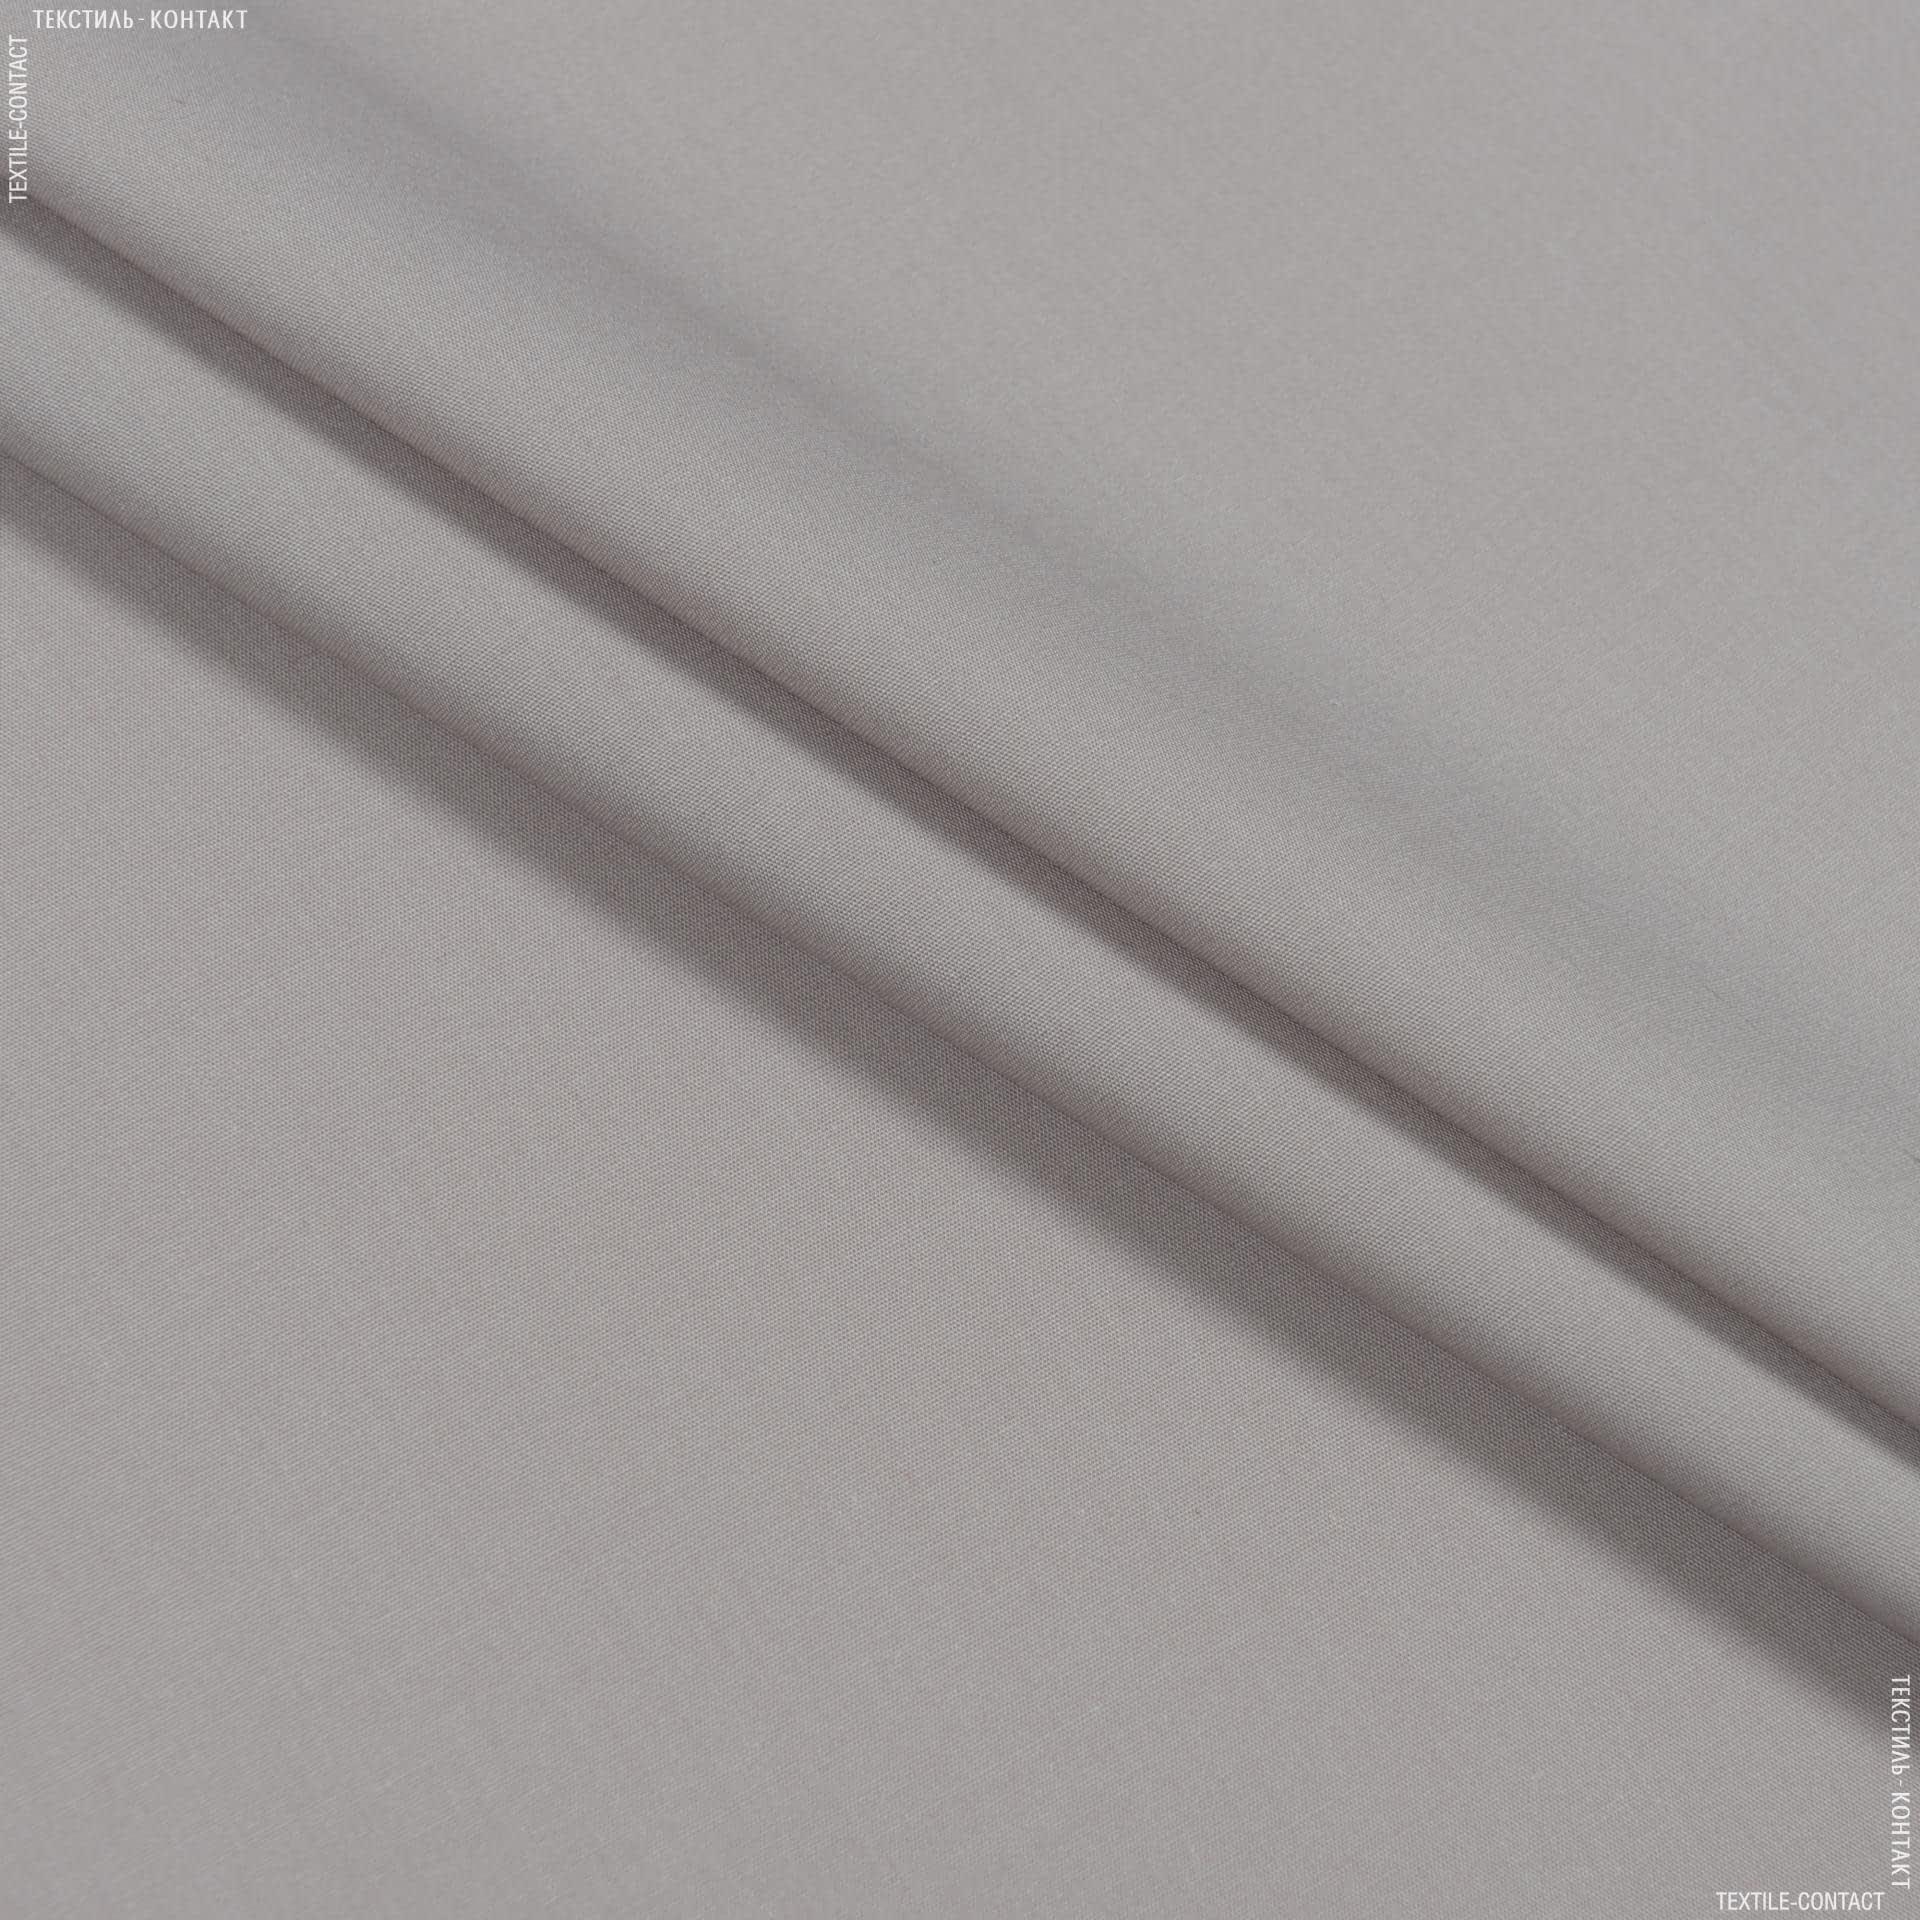 Тканини для суконь - Сорочкова сіро-бежевий